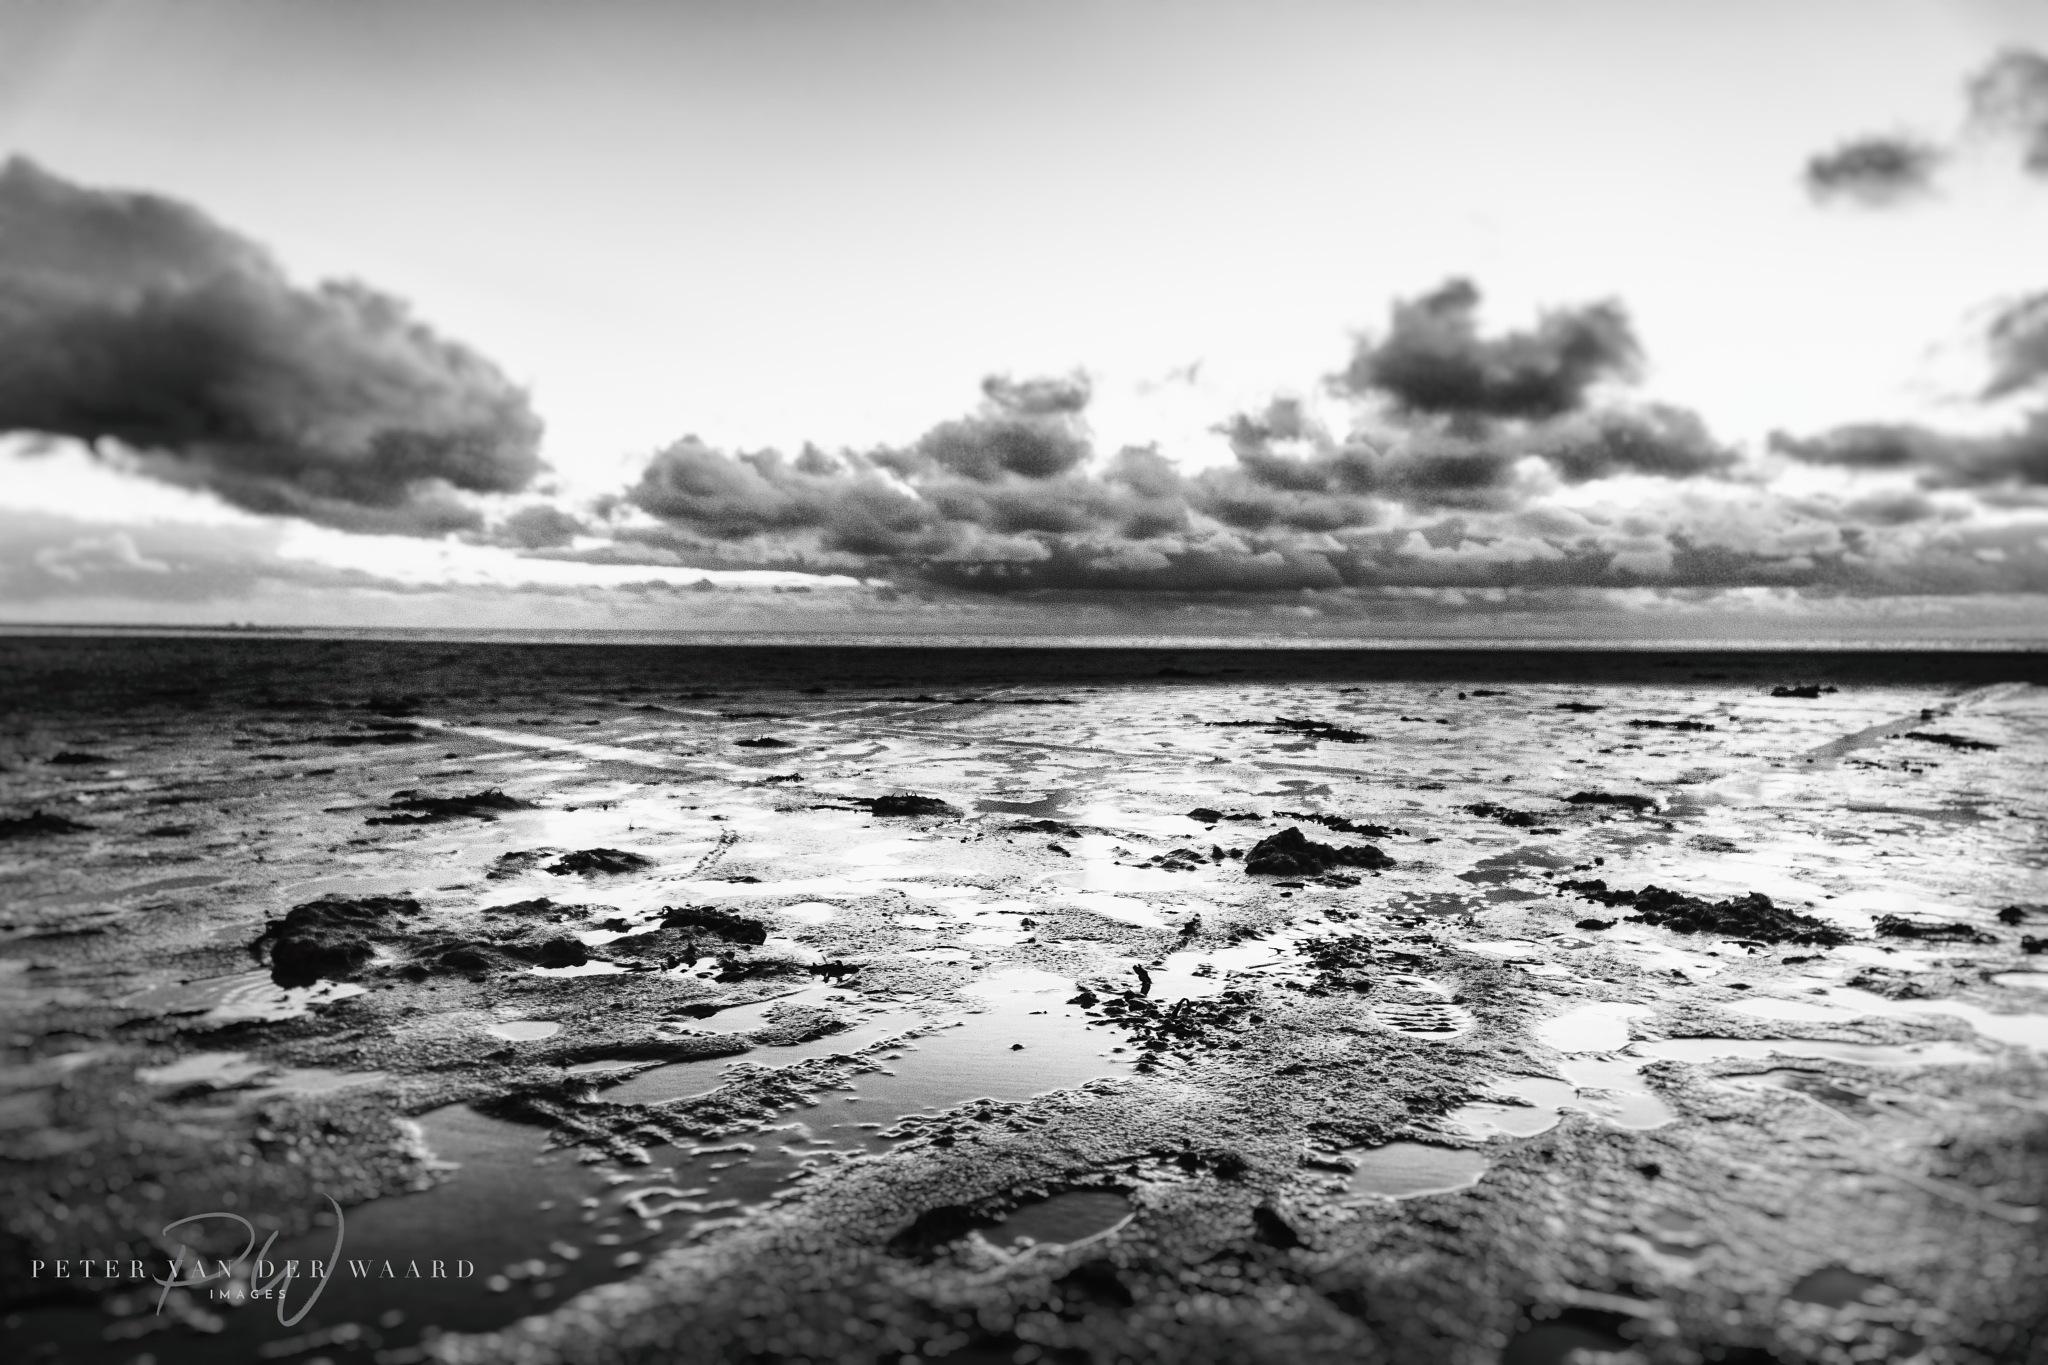 After the rain by Peter van der Waard